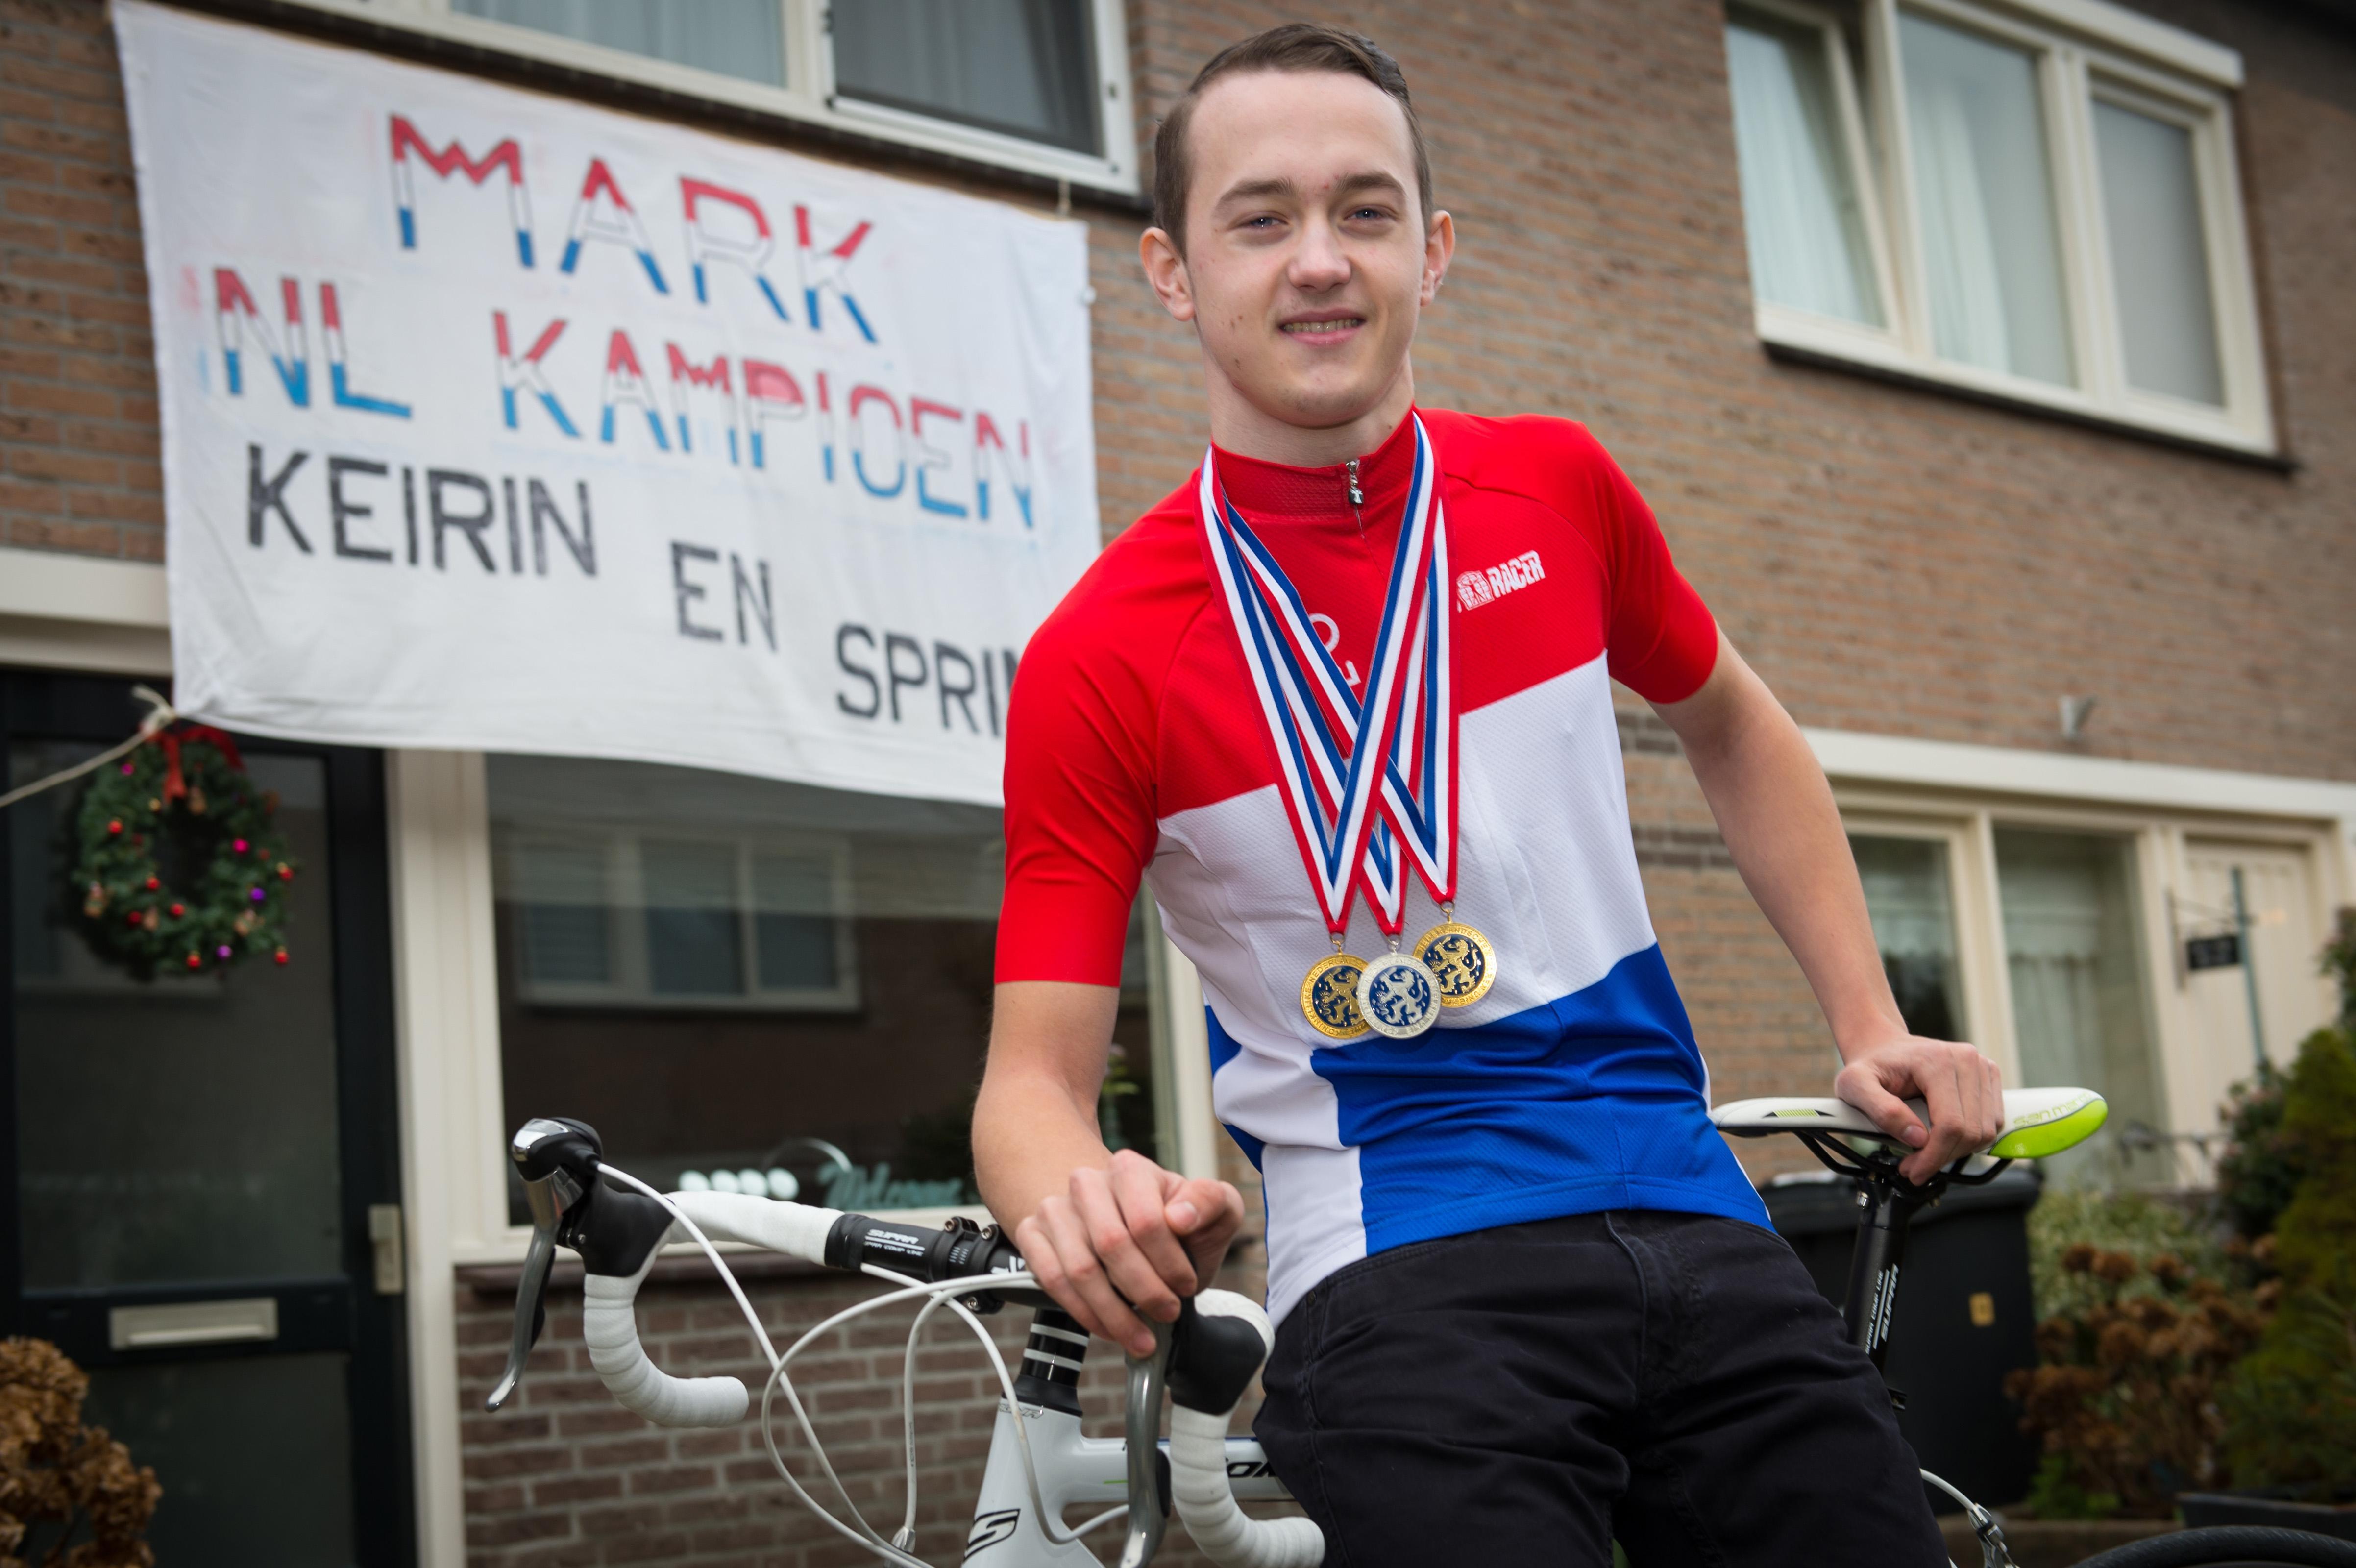 Purmerendse baanwielrenner Mark Bakker: 'Mijn hart ligt bij de sprint'